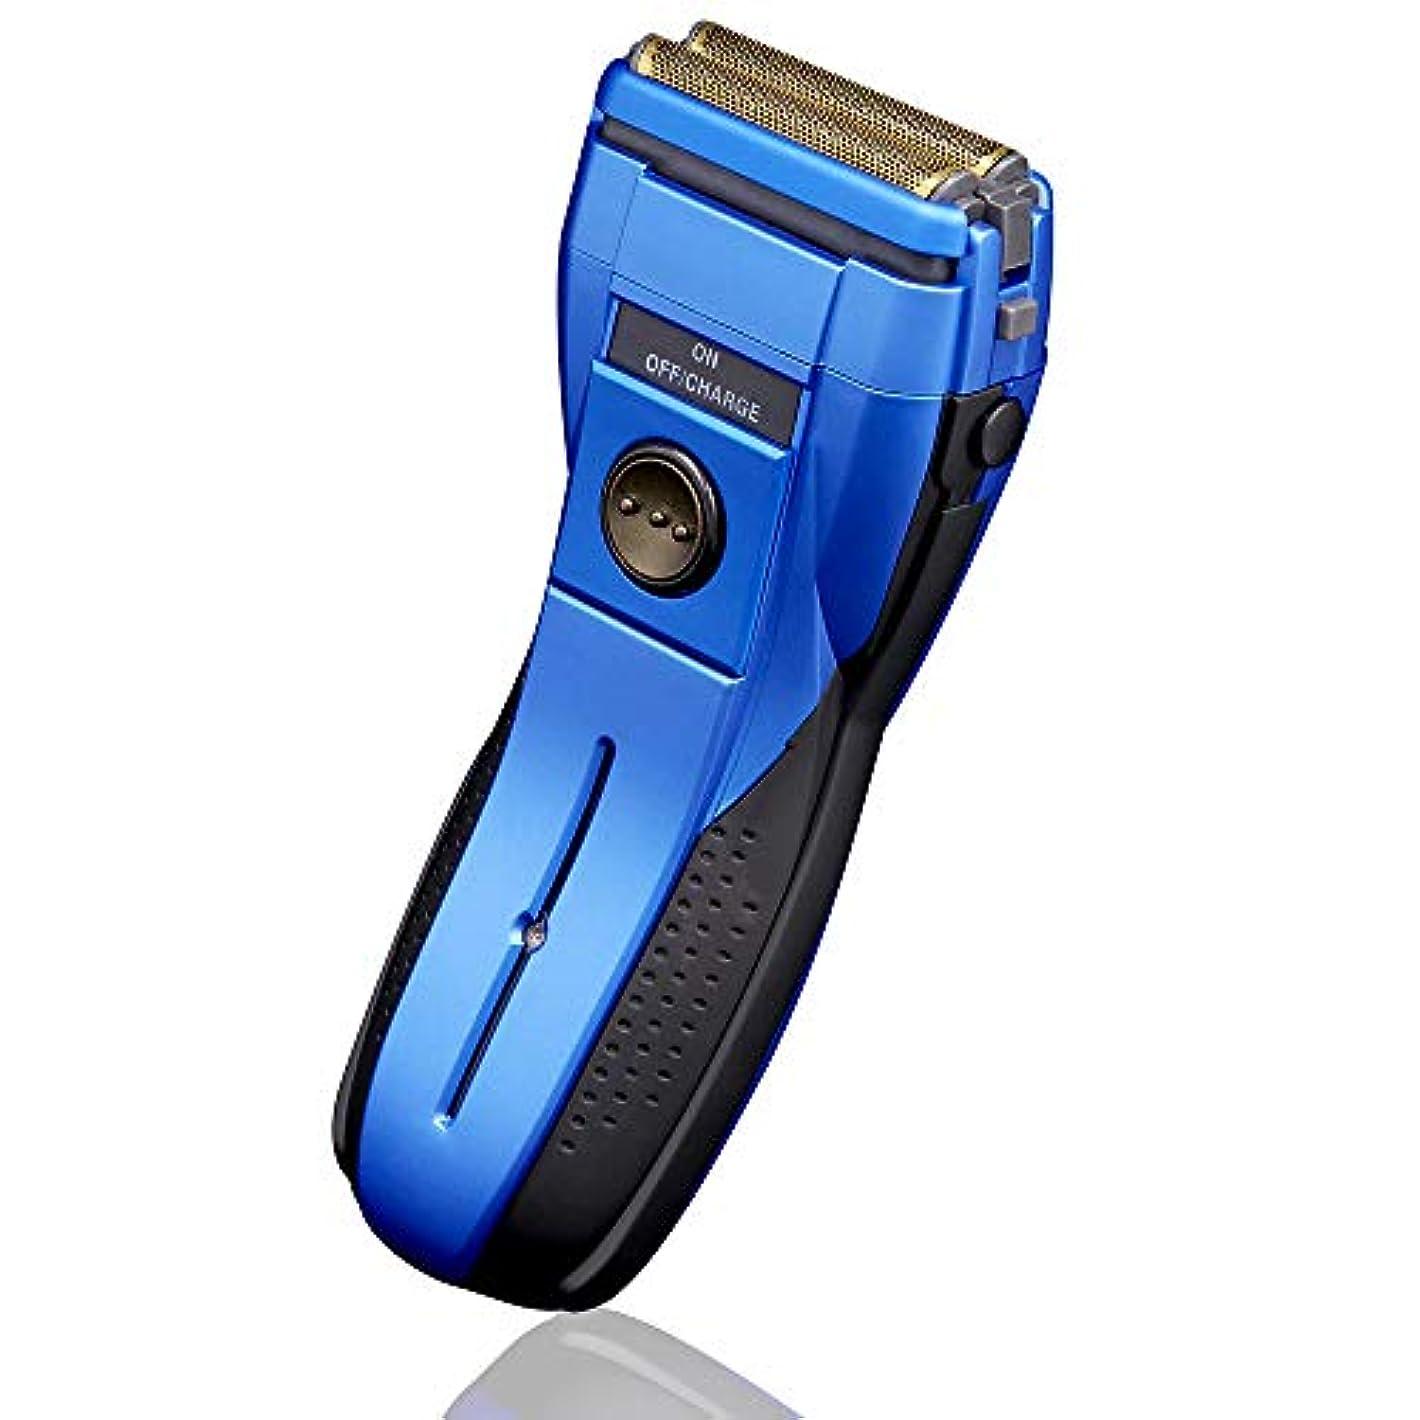 ゲインセイファランクス自然電気シェーバー 2枚刃 髭剃り メンズシェーバー 替え刃付属付き 水洗い対応 ウォッシャブル 充電式 独立フローティング2枚刃 (Blue)